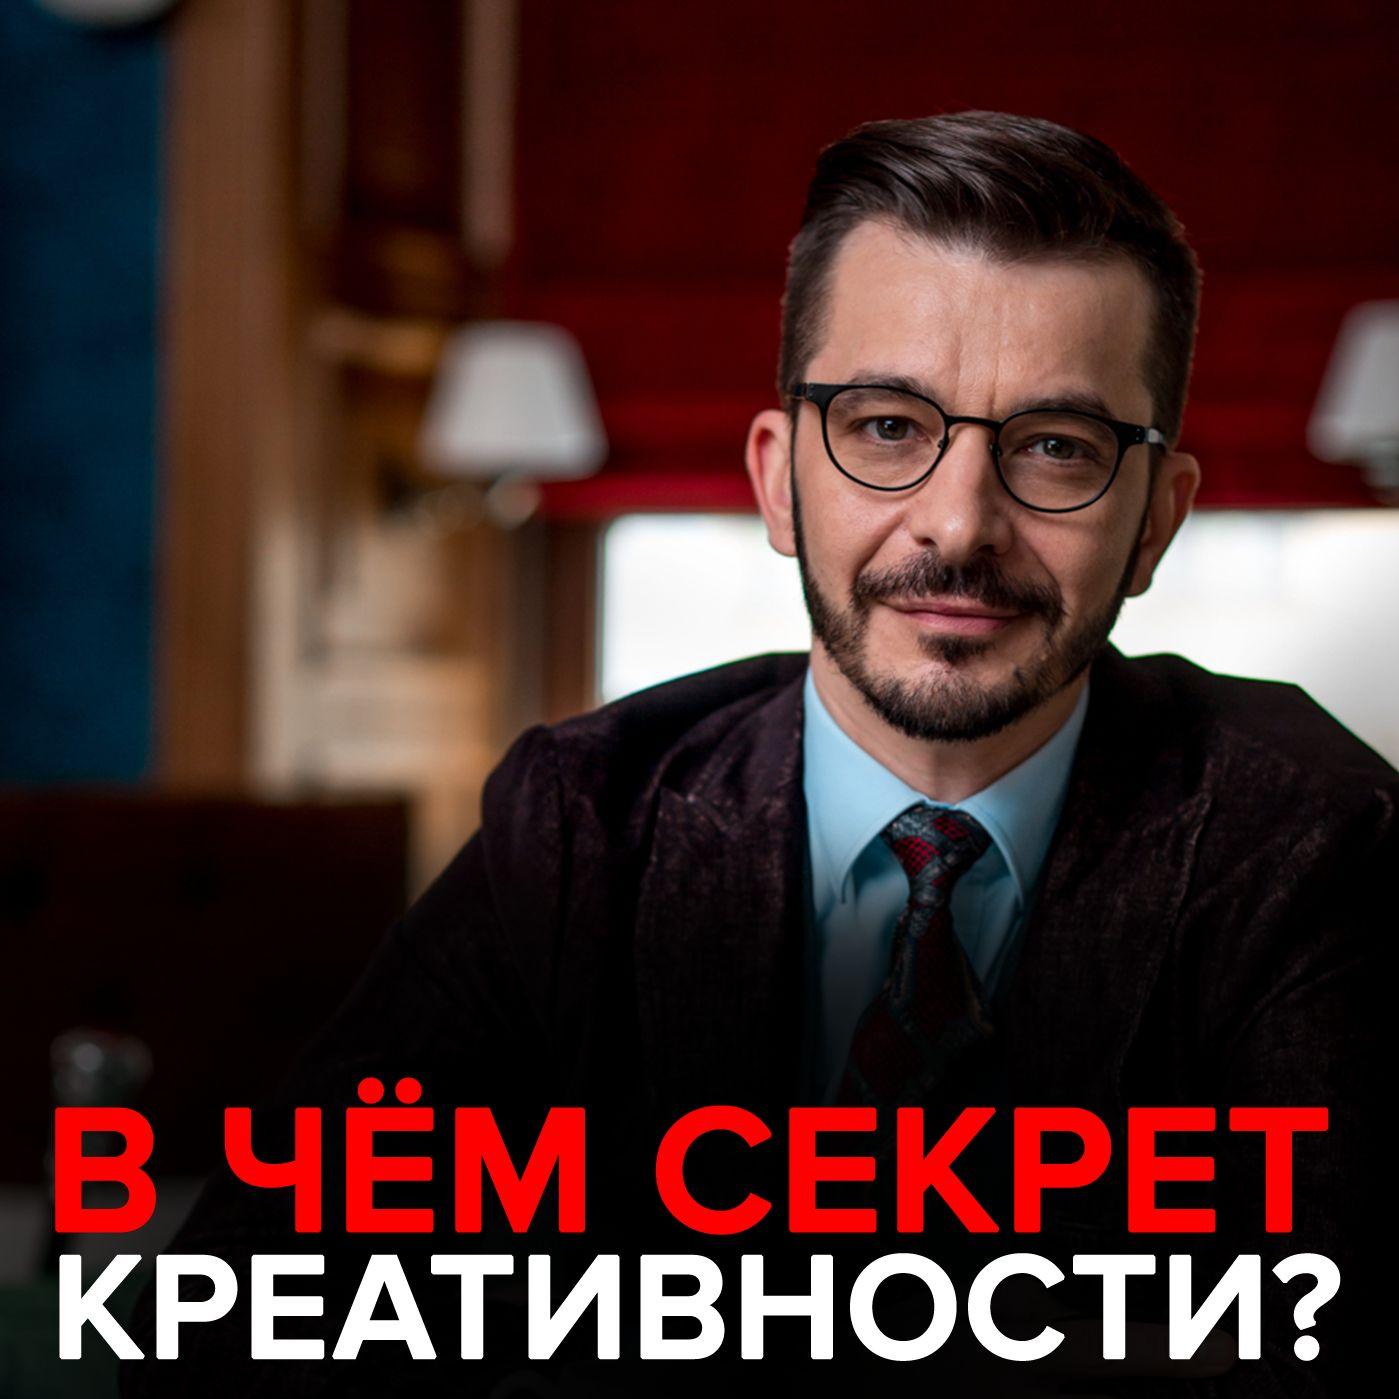 Андрей Курпатов Три главных сети мозга. В чём секрет креативности?